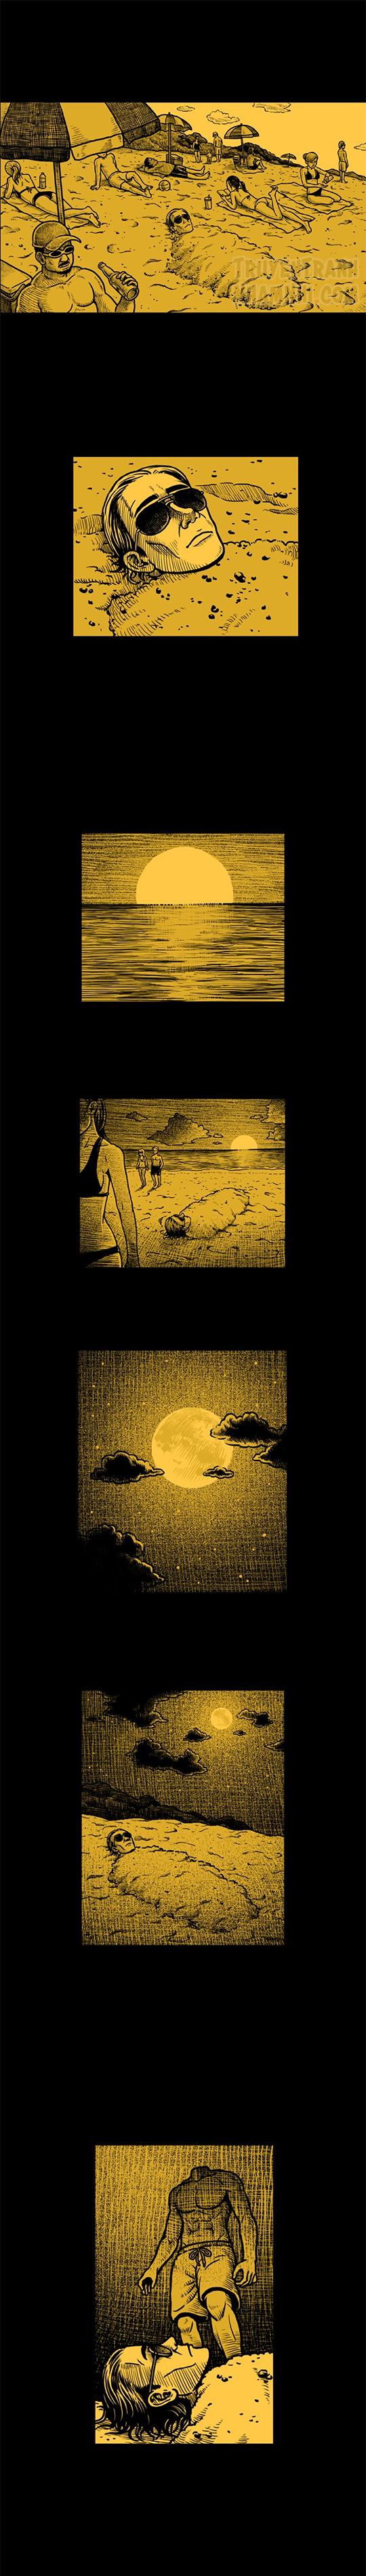 Hắc Ám Truyện #19: Bãi biển